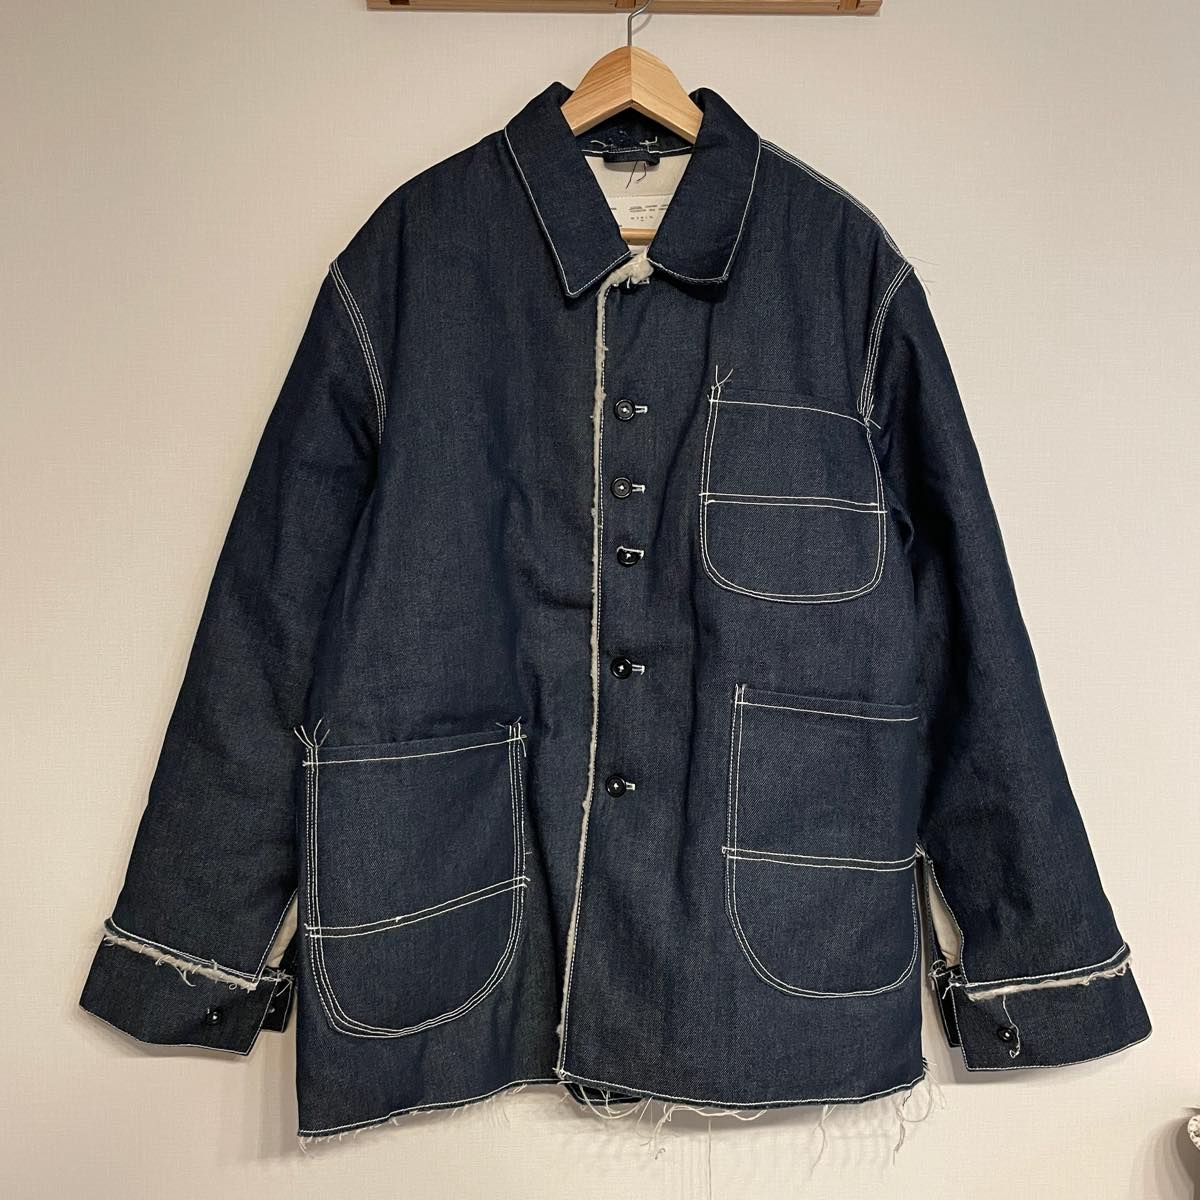 CAMIEL FORTGENS (カミエル・フォートヘンス)Padded Denim Jacket